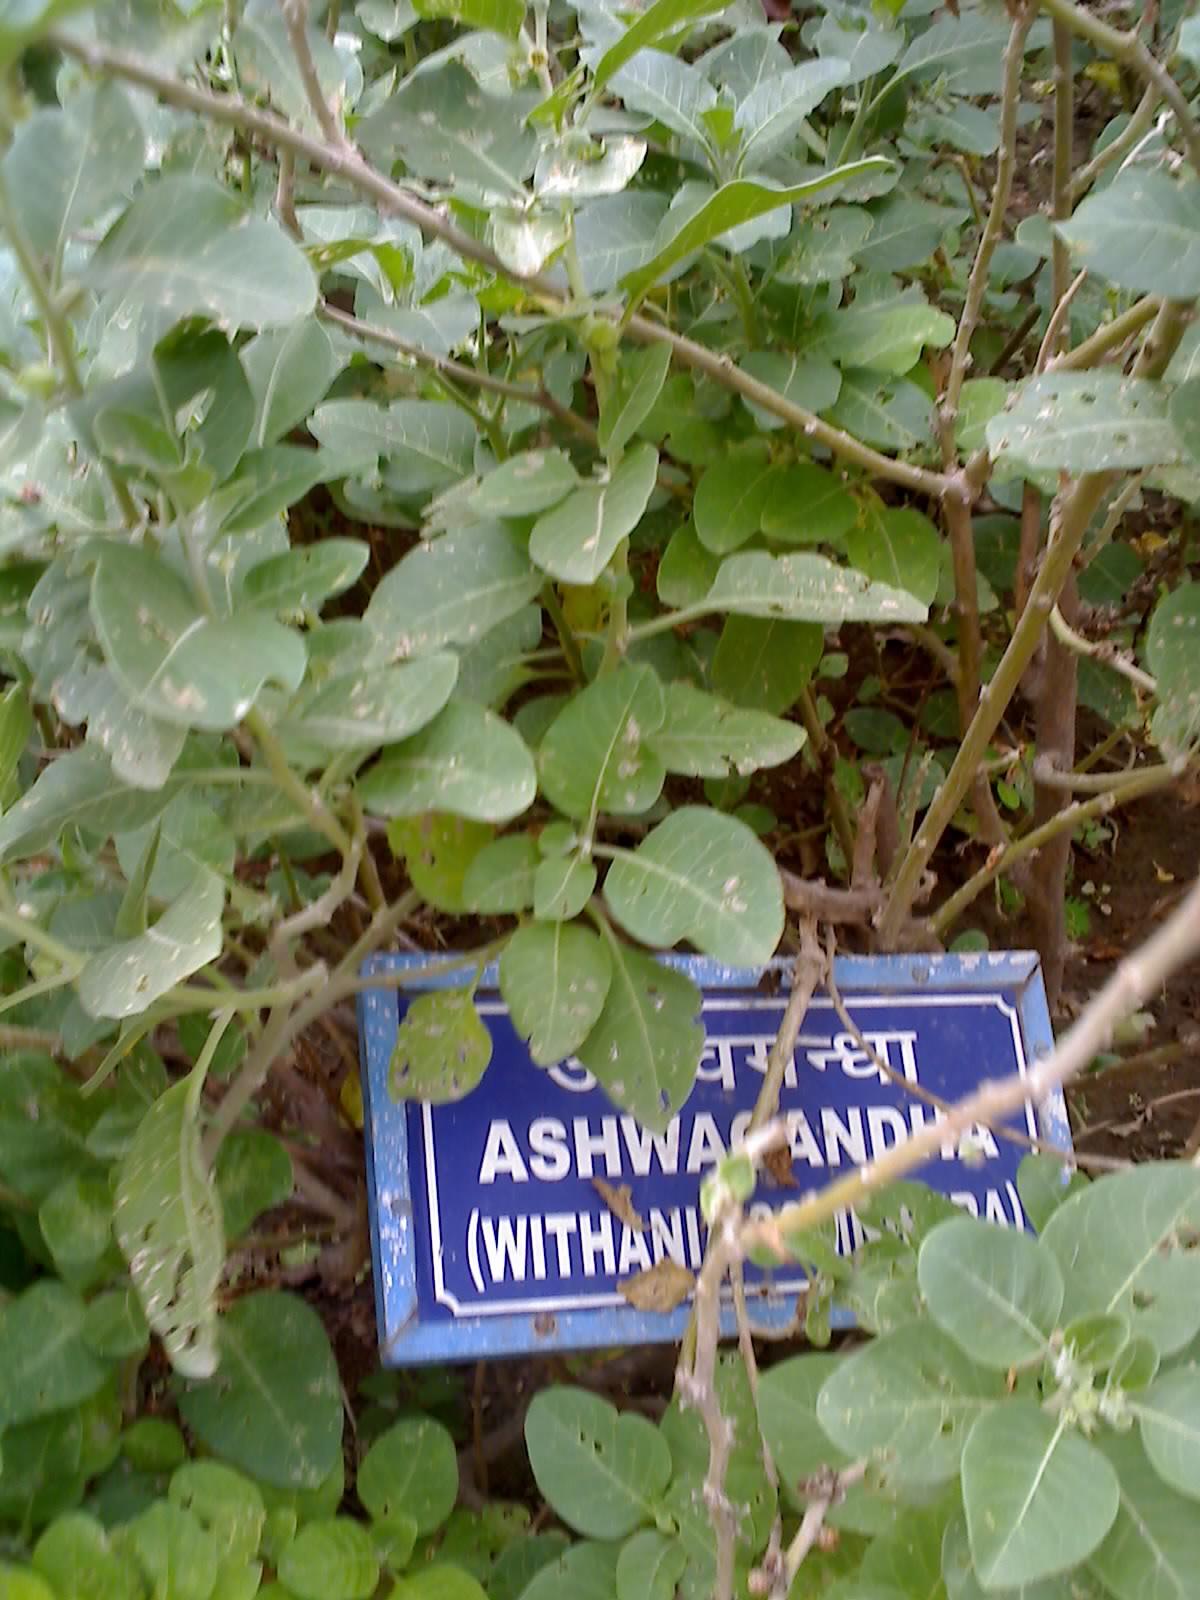 Ashwagandha Wikipedia